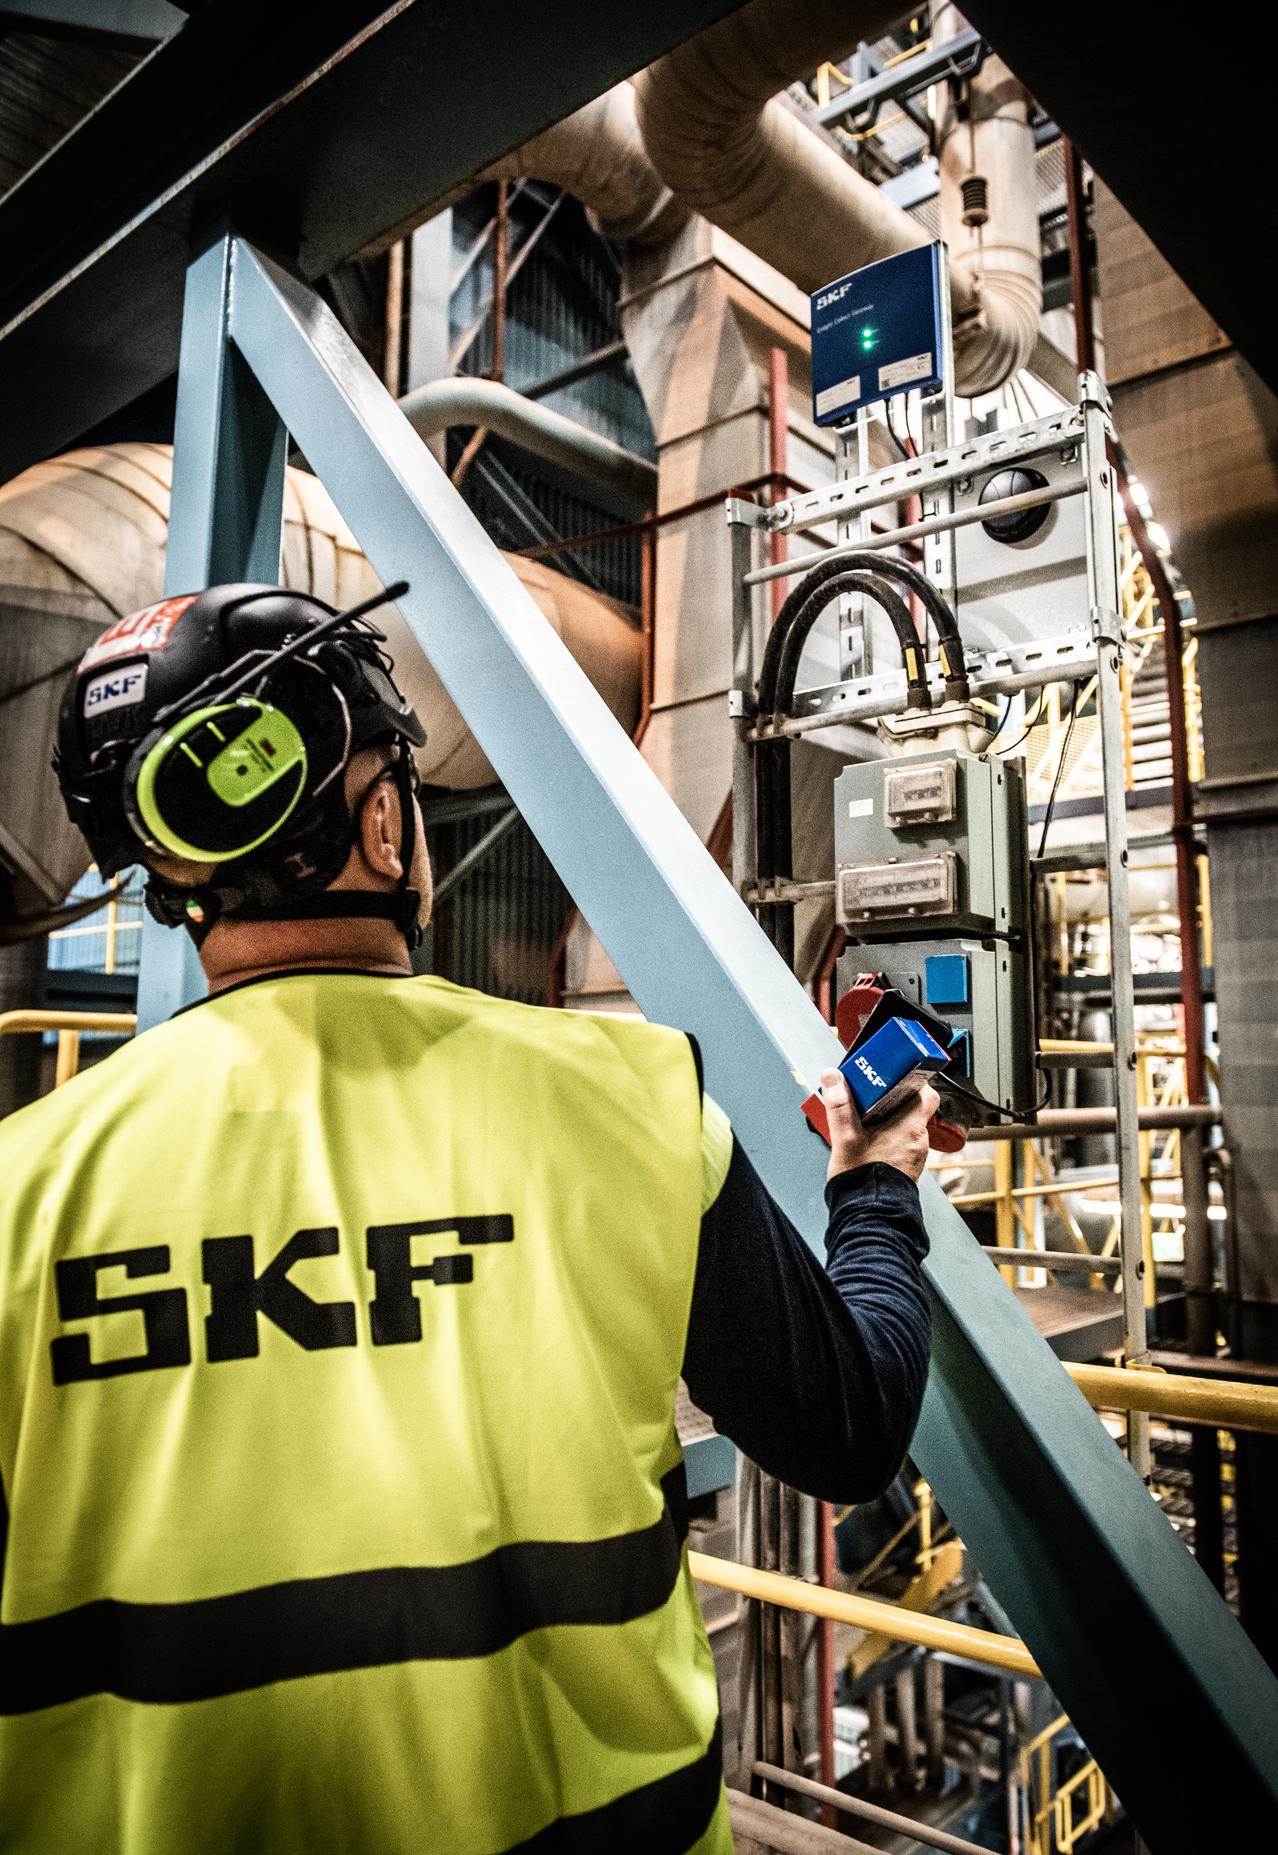 SKF Picture